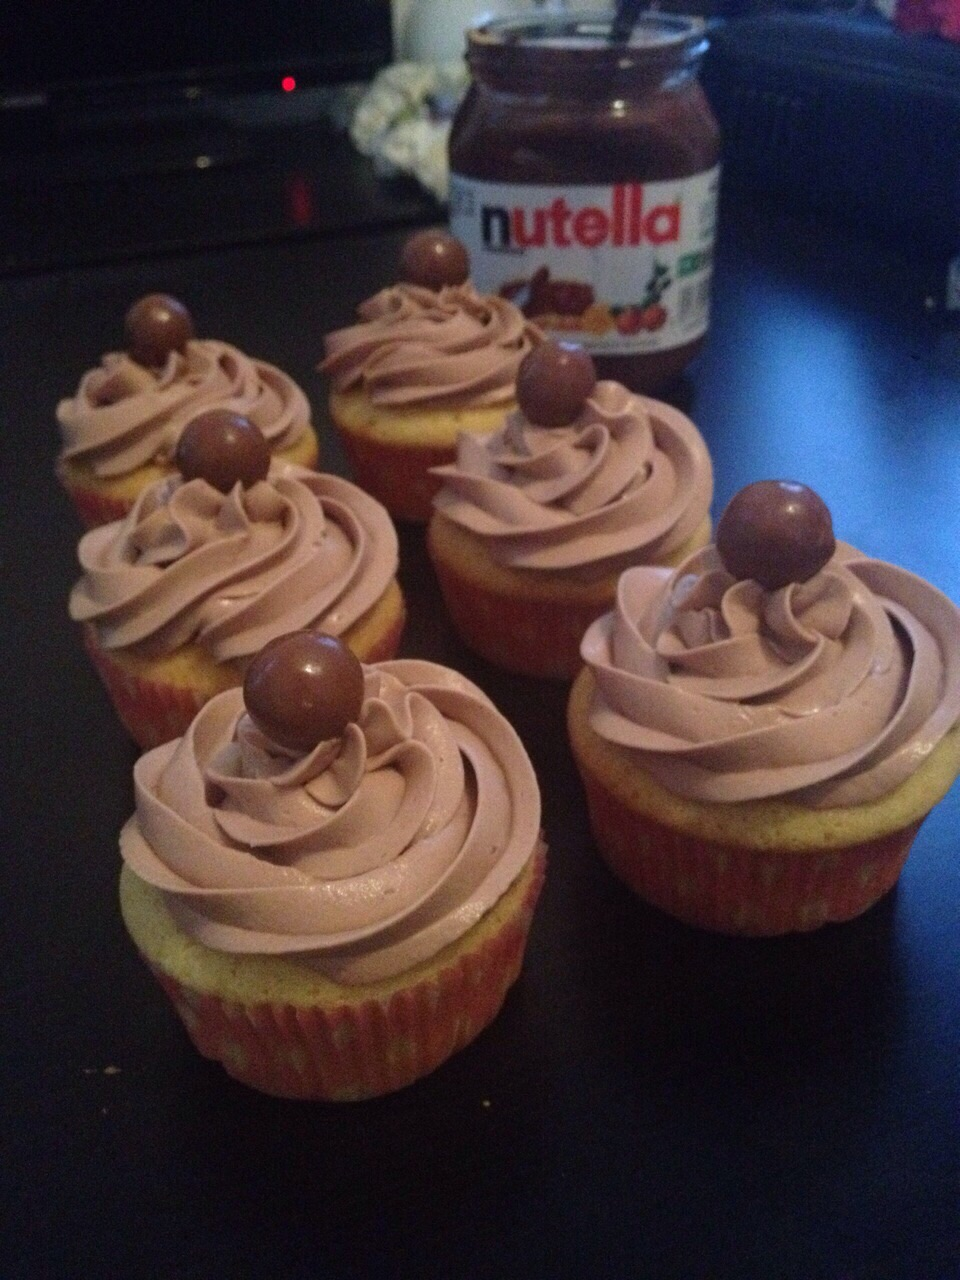 Cupcakes Au Nutella Fatisserie